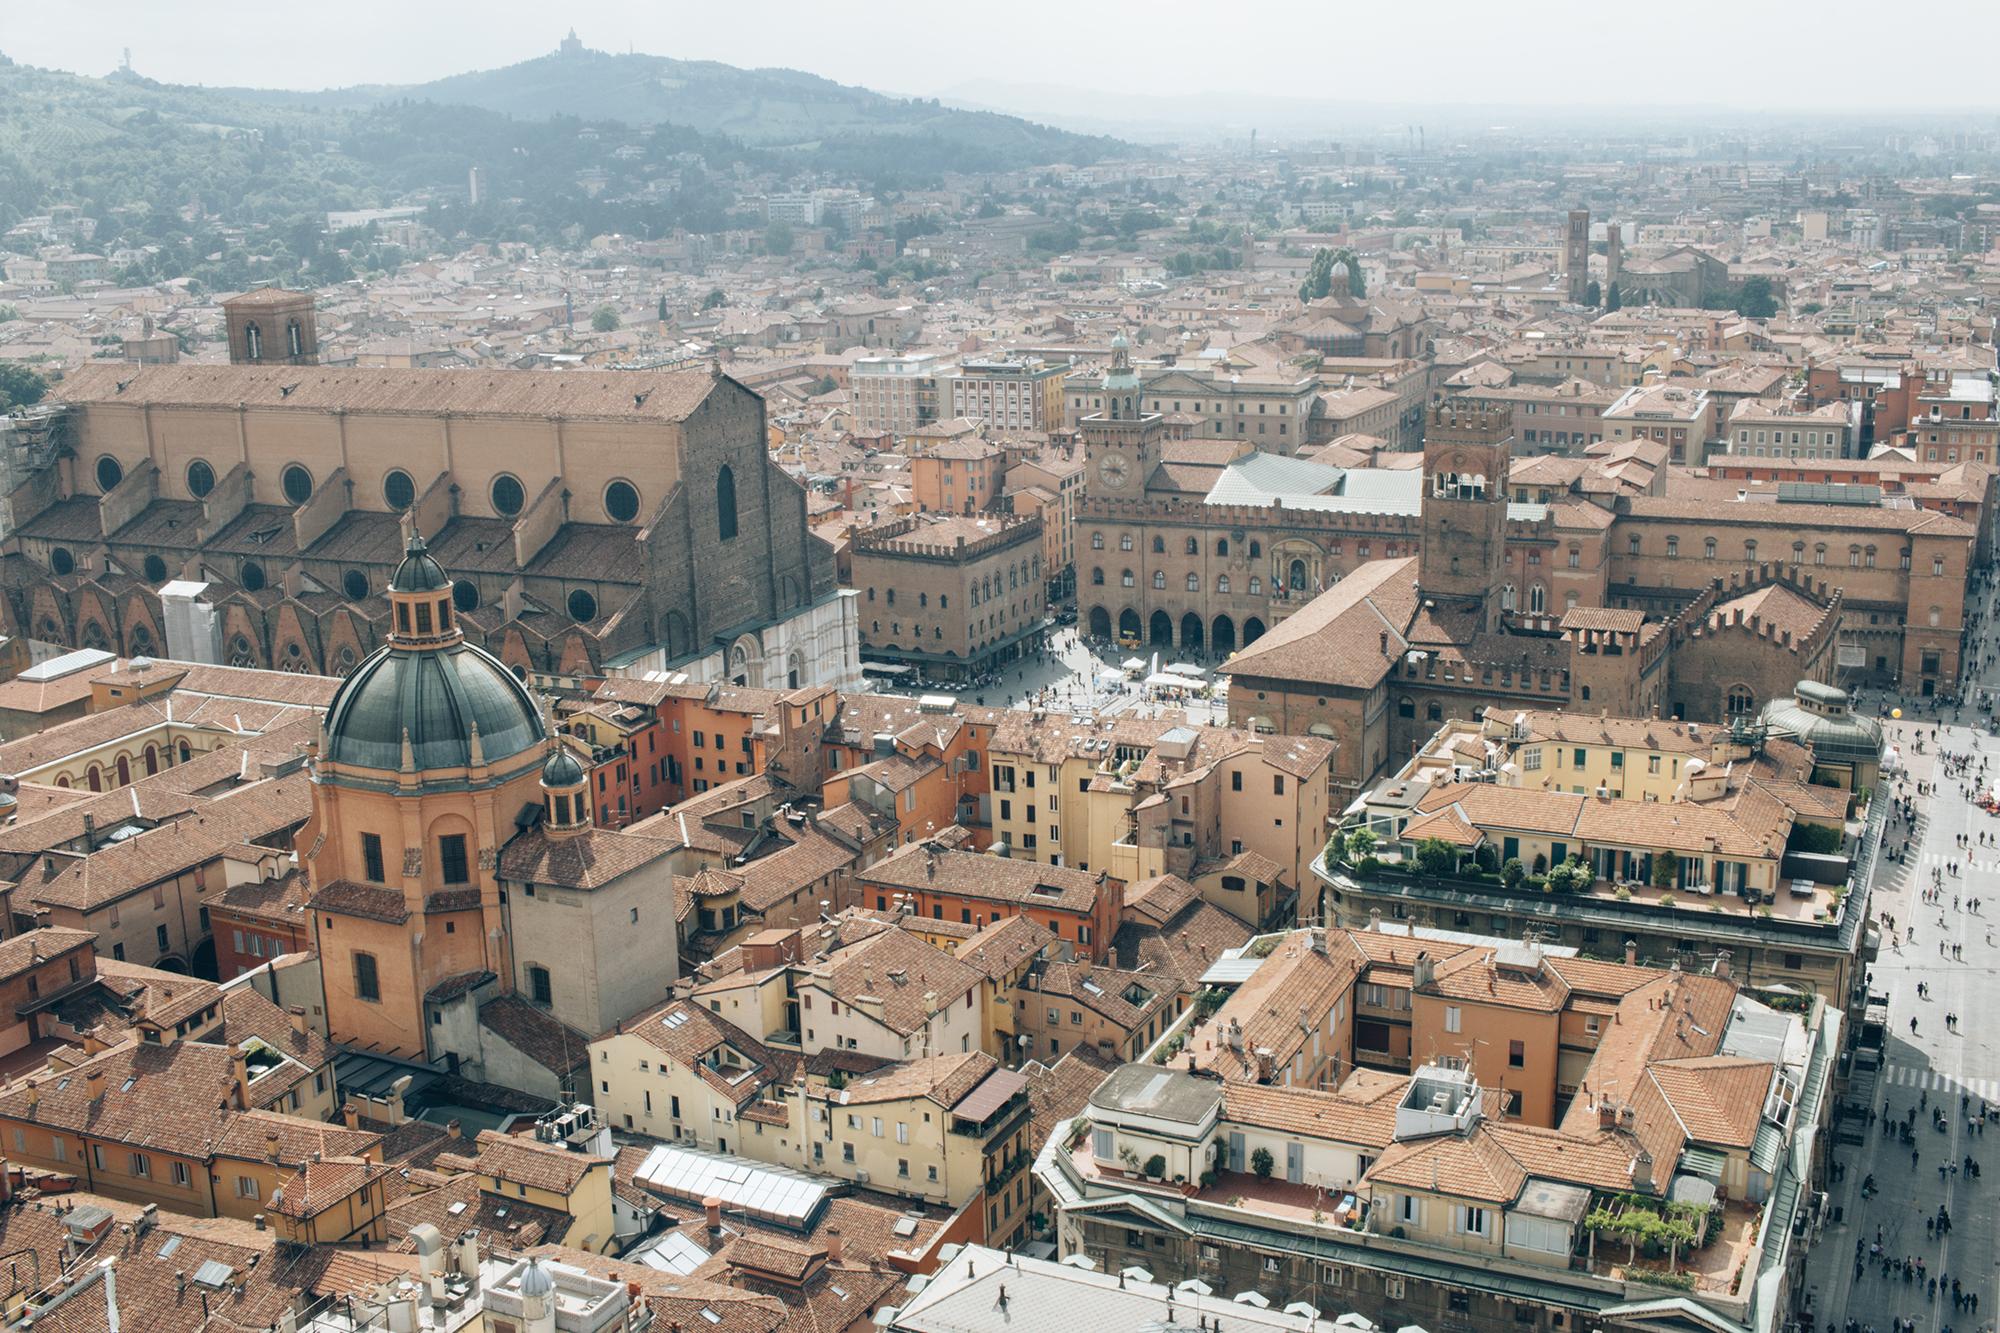 Bologna_05132016_175 copy.jpg